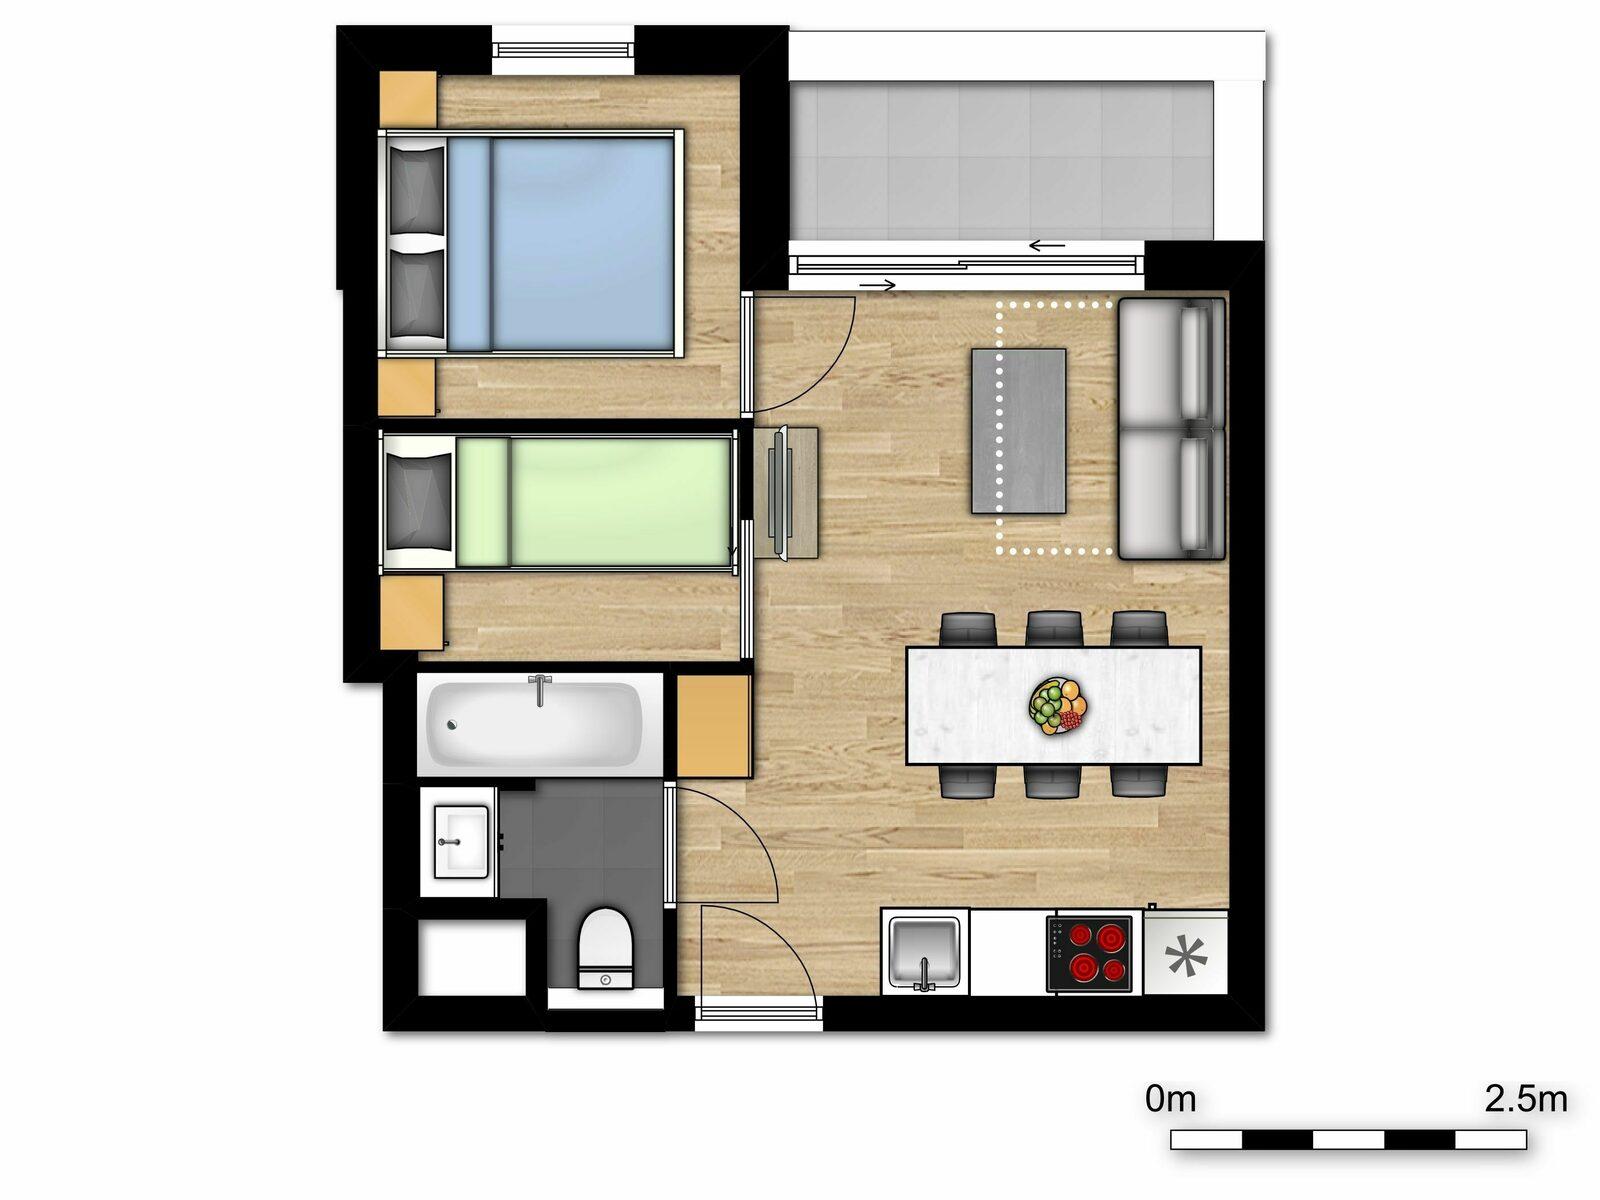 Comfort Suite - 6p |Bedroom - Sleeping corner - Sofa bed